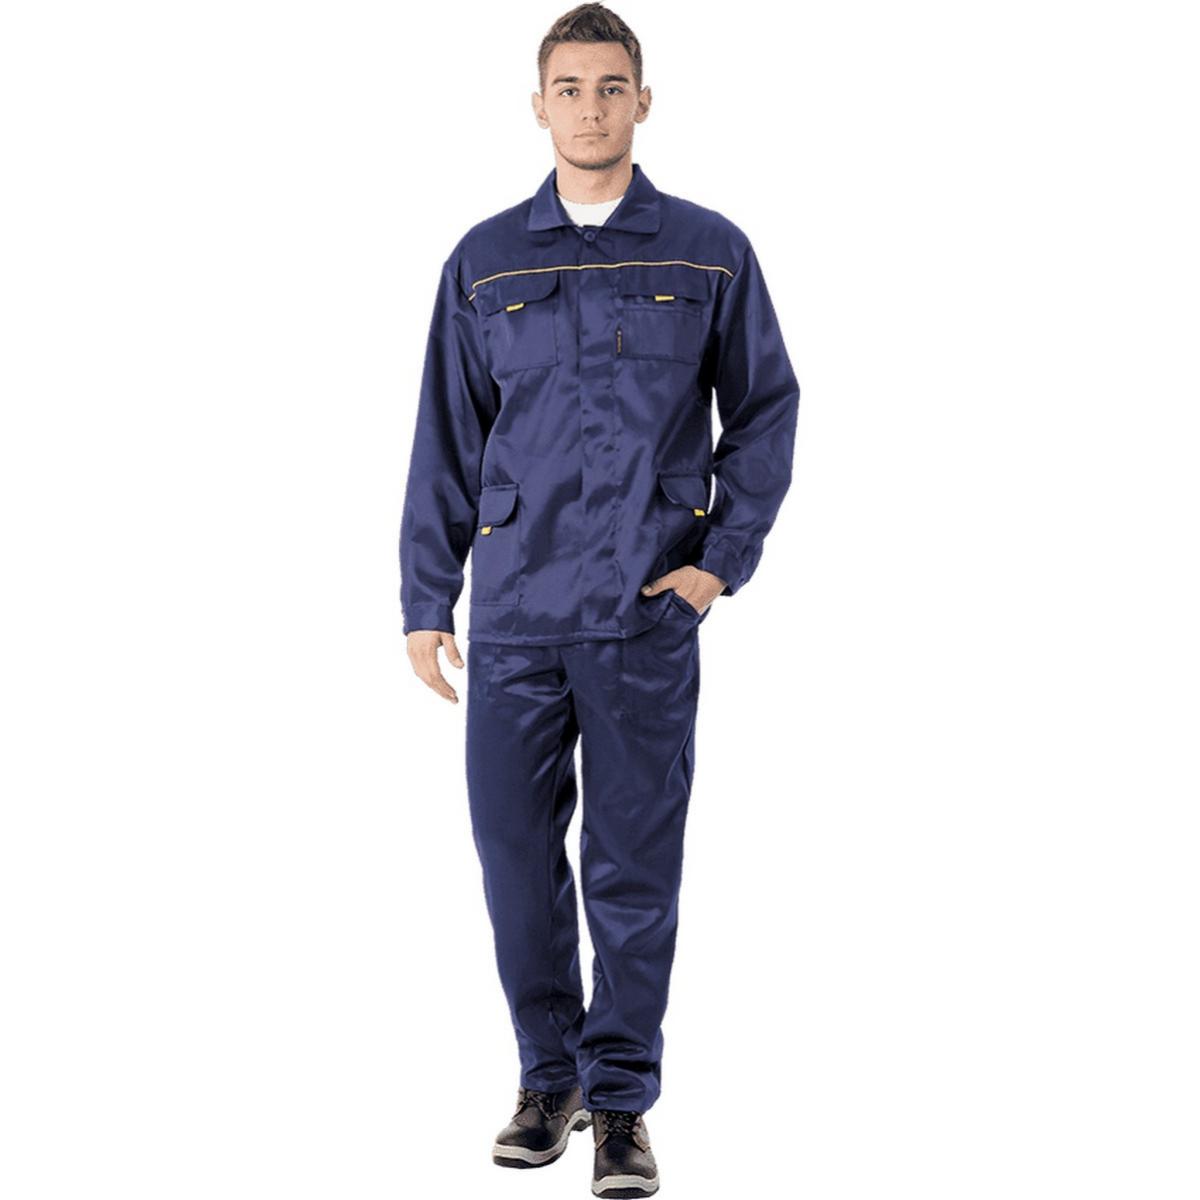 Костюм ВЫМПЕЛ-1 т/синий (куртка+брюки)  (разм. 96-100 рост 182-188)